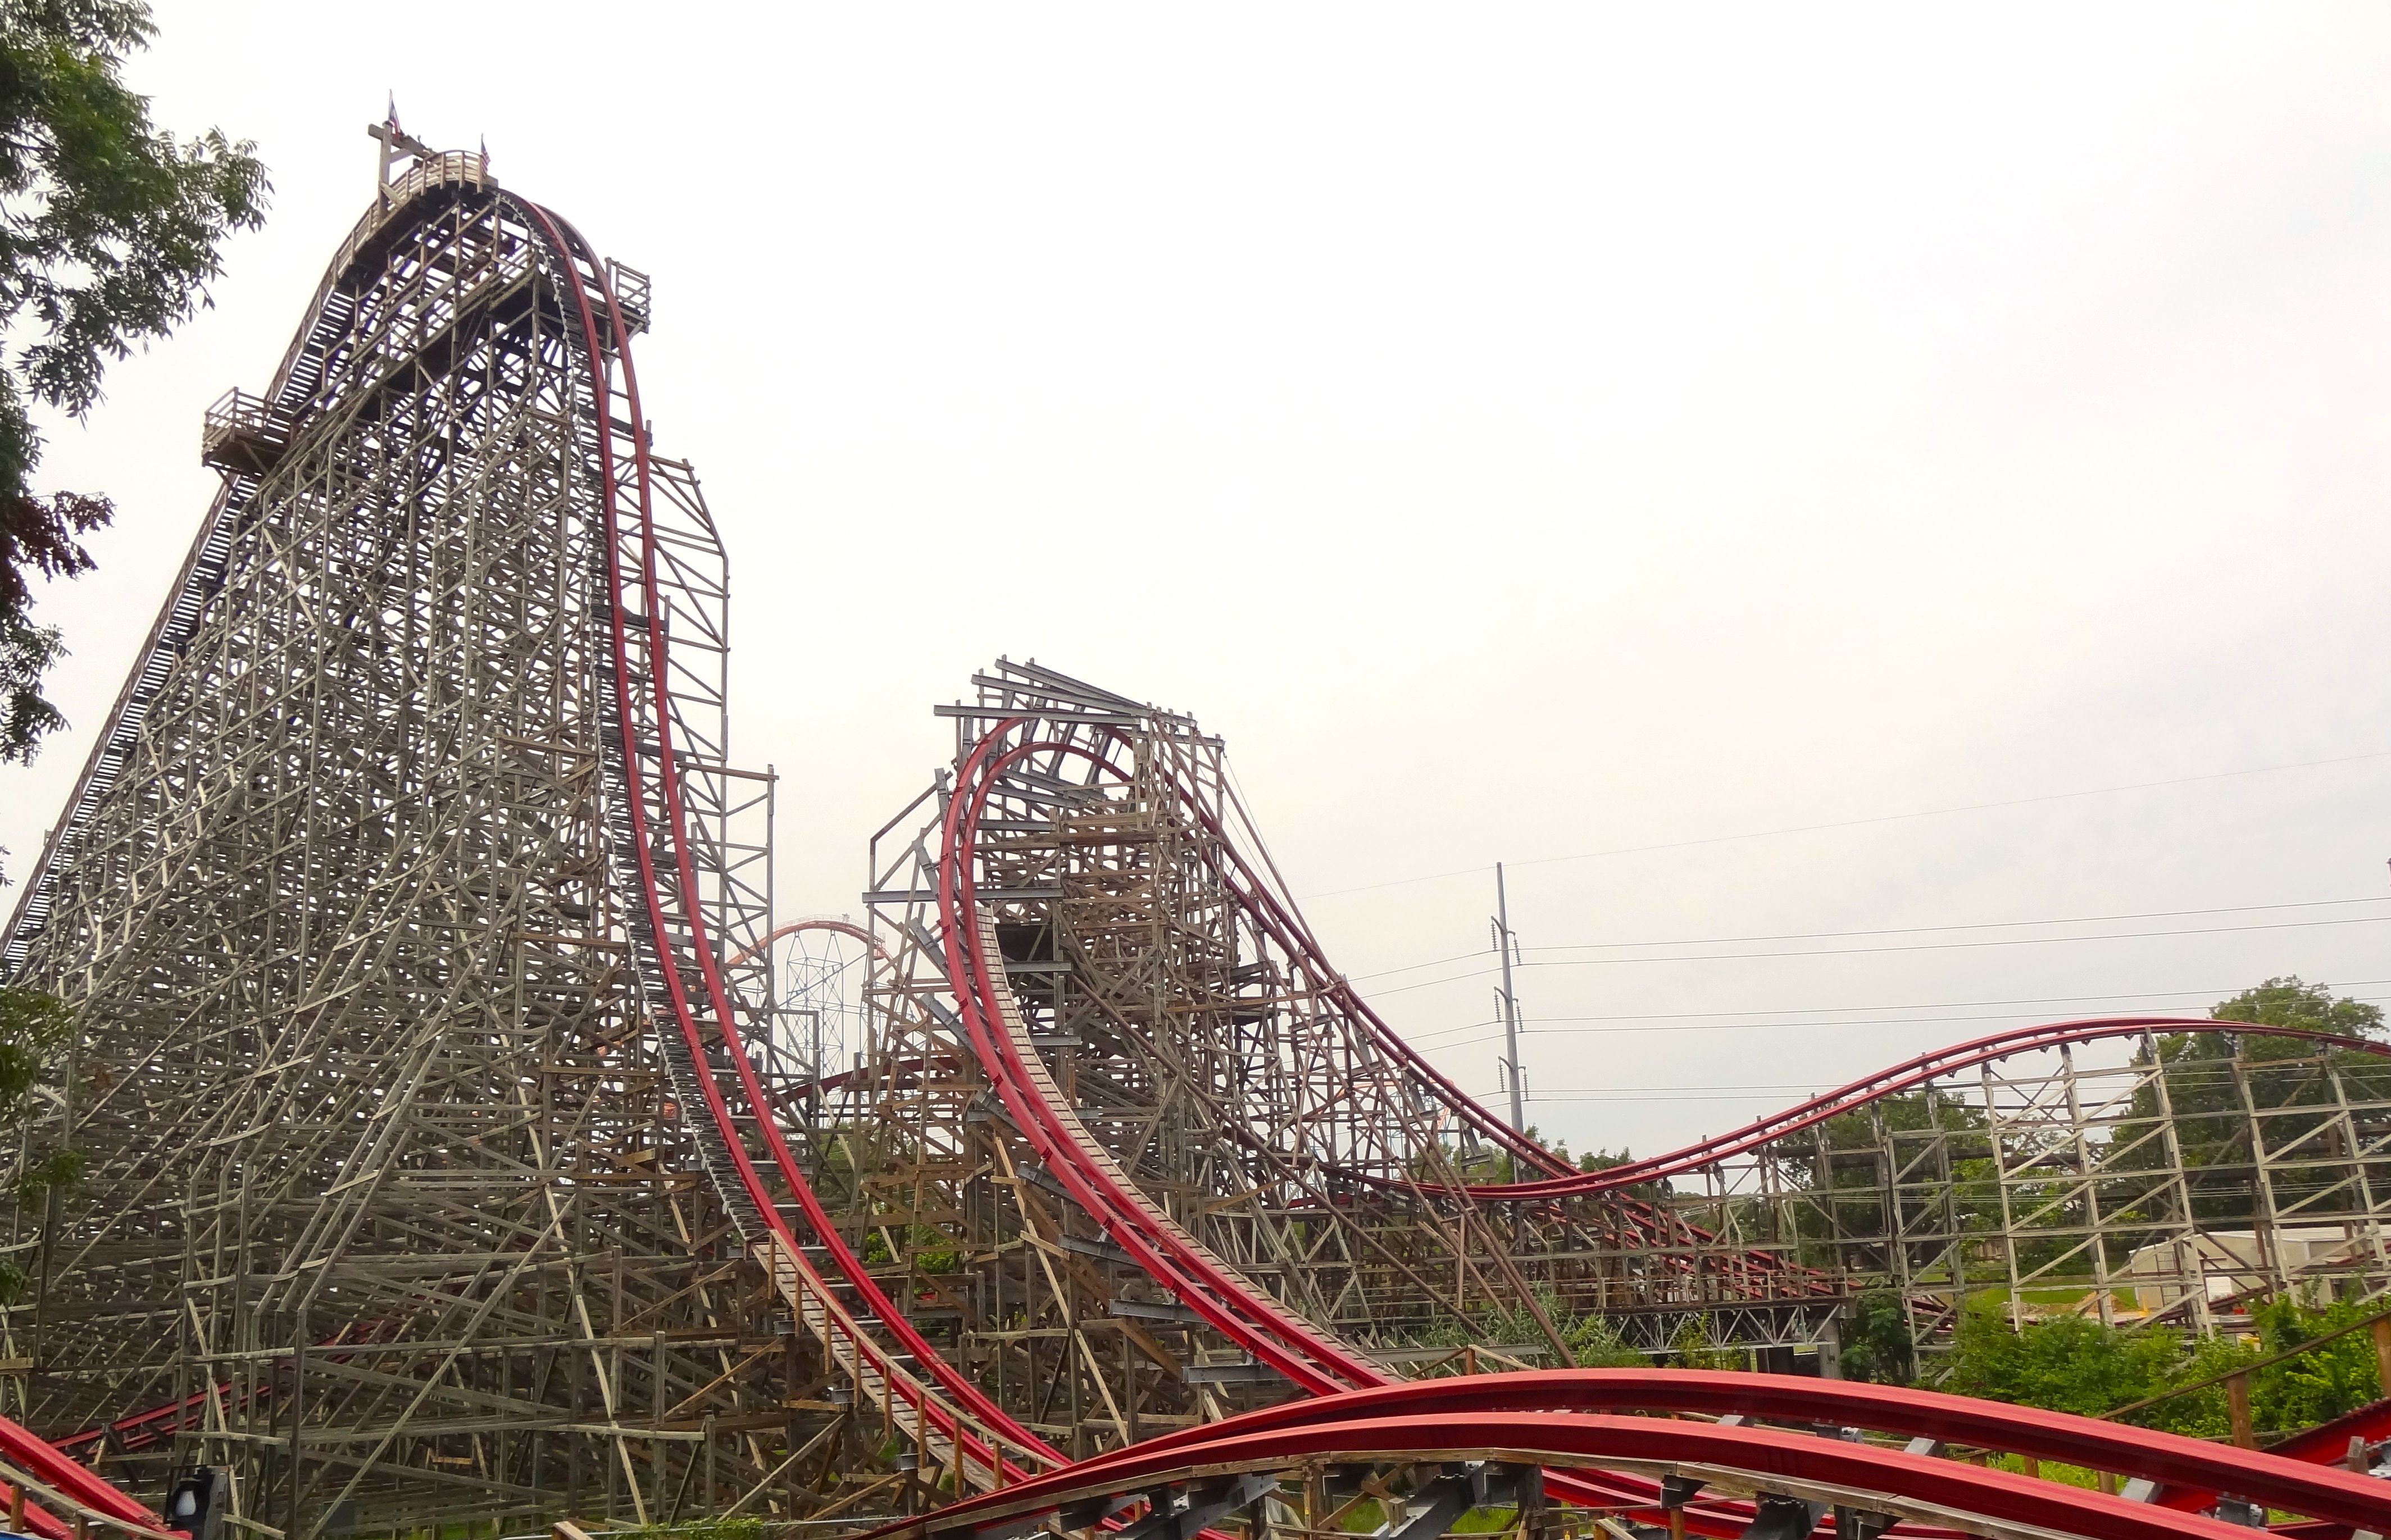 New Texas Giant coaster